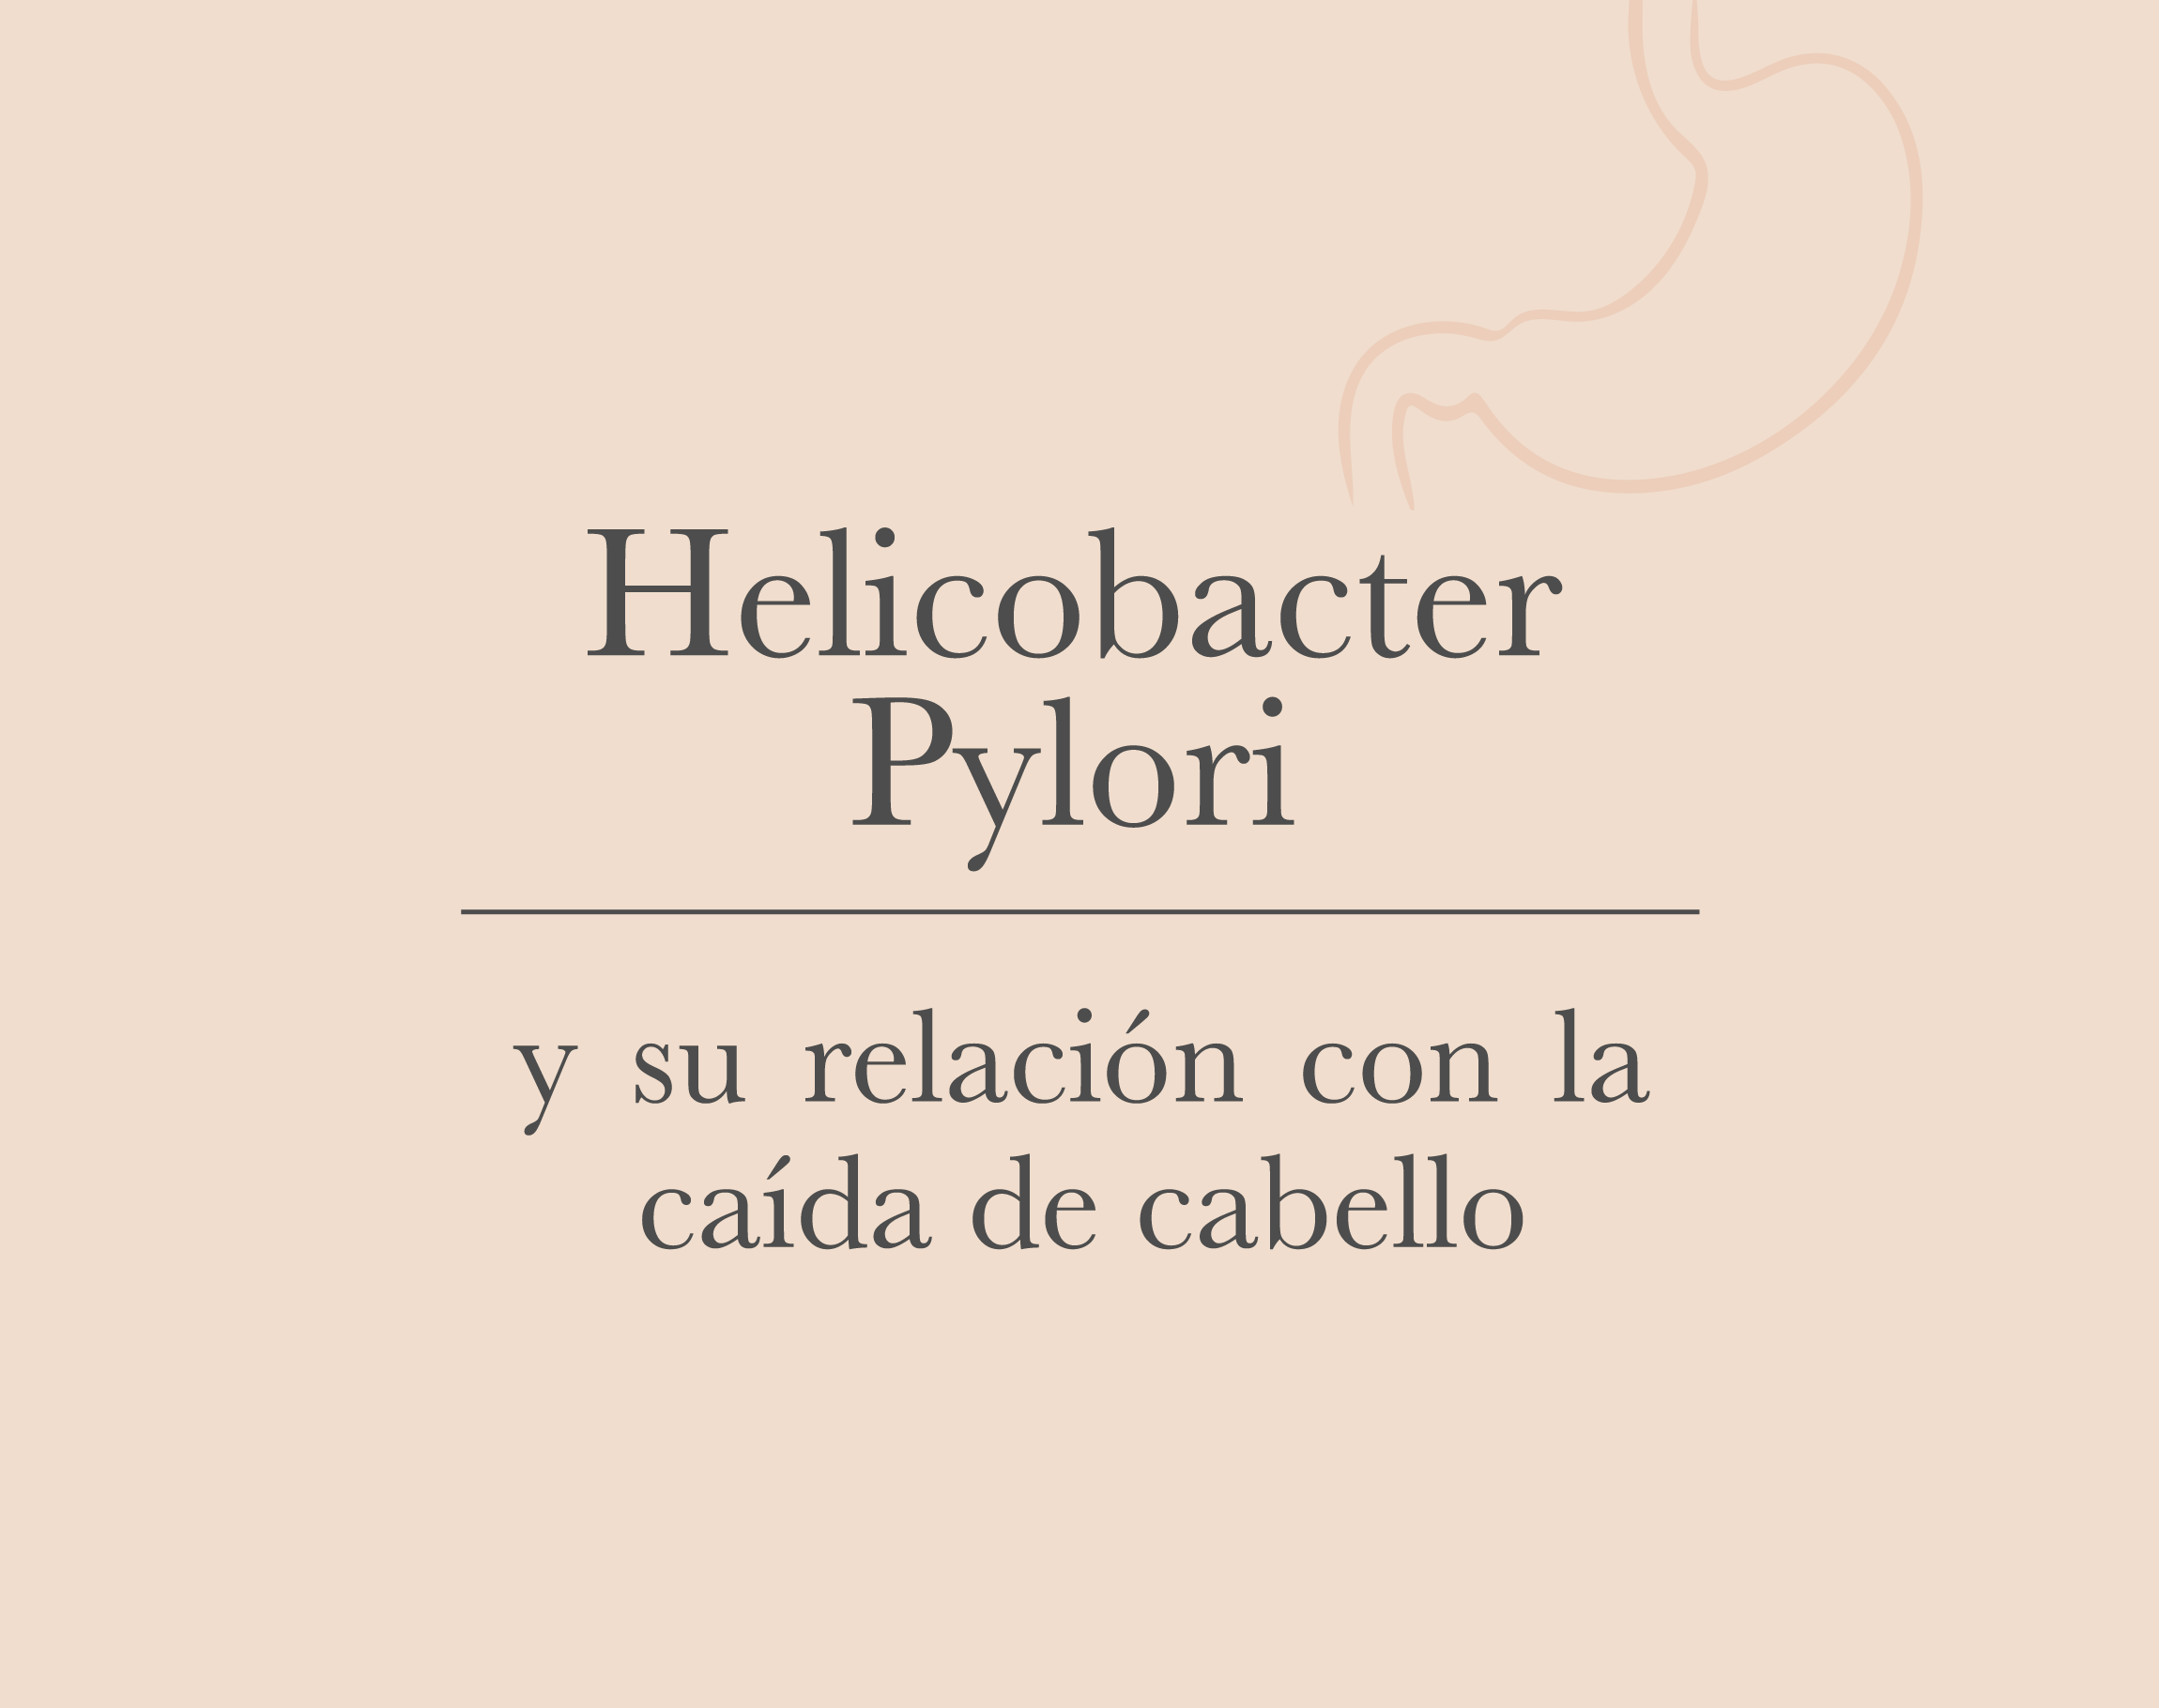 Helicobacter Pylori y el cabello